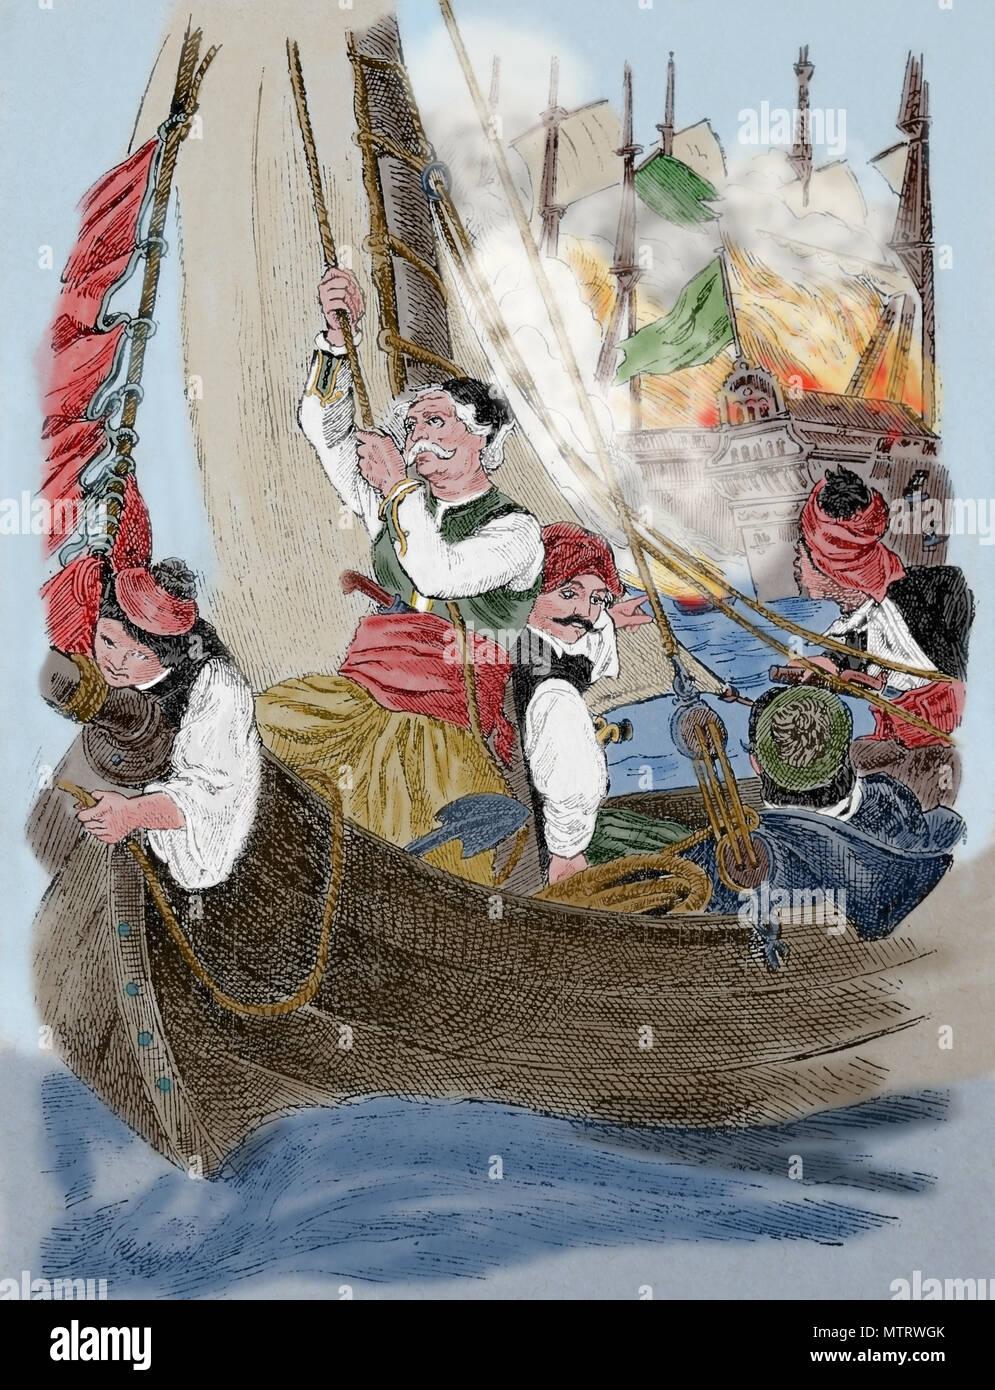 Zerstörung des Osmanischen Flaggschiff auf Chios von Admiral C. Kanaris (1795-1877), 1822. Griechische Unabhängigkeitskrieg. Stockbild